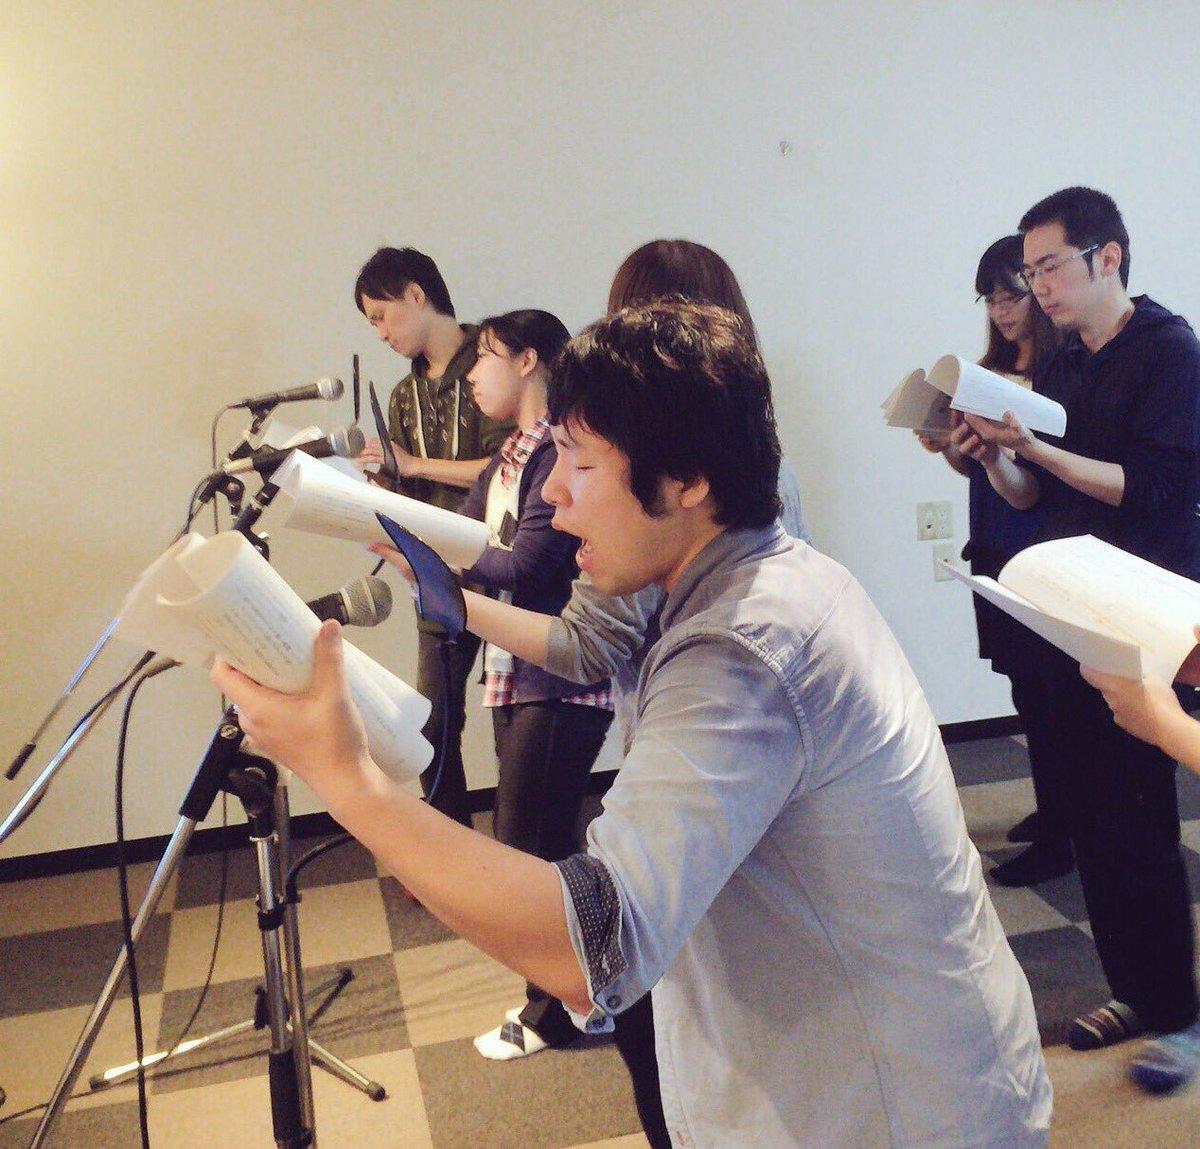 アニメアテレコクラス 受講枠有り🙆『銀の匙』『SHIROBAKO』『涼宮ハルヒの憂鬱』など数々のアニメに出演する声優こぶ